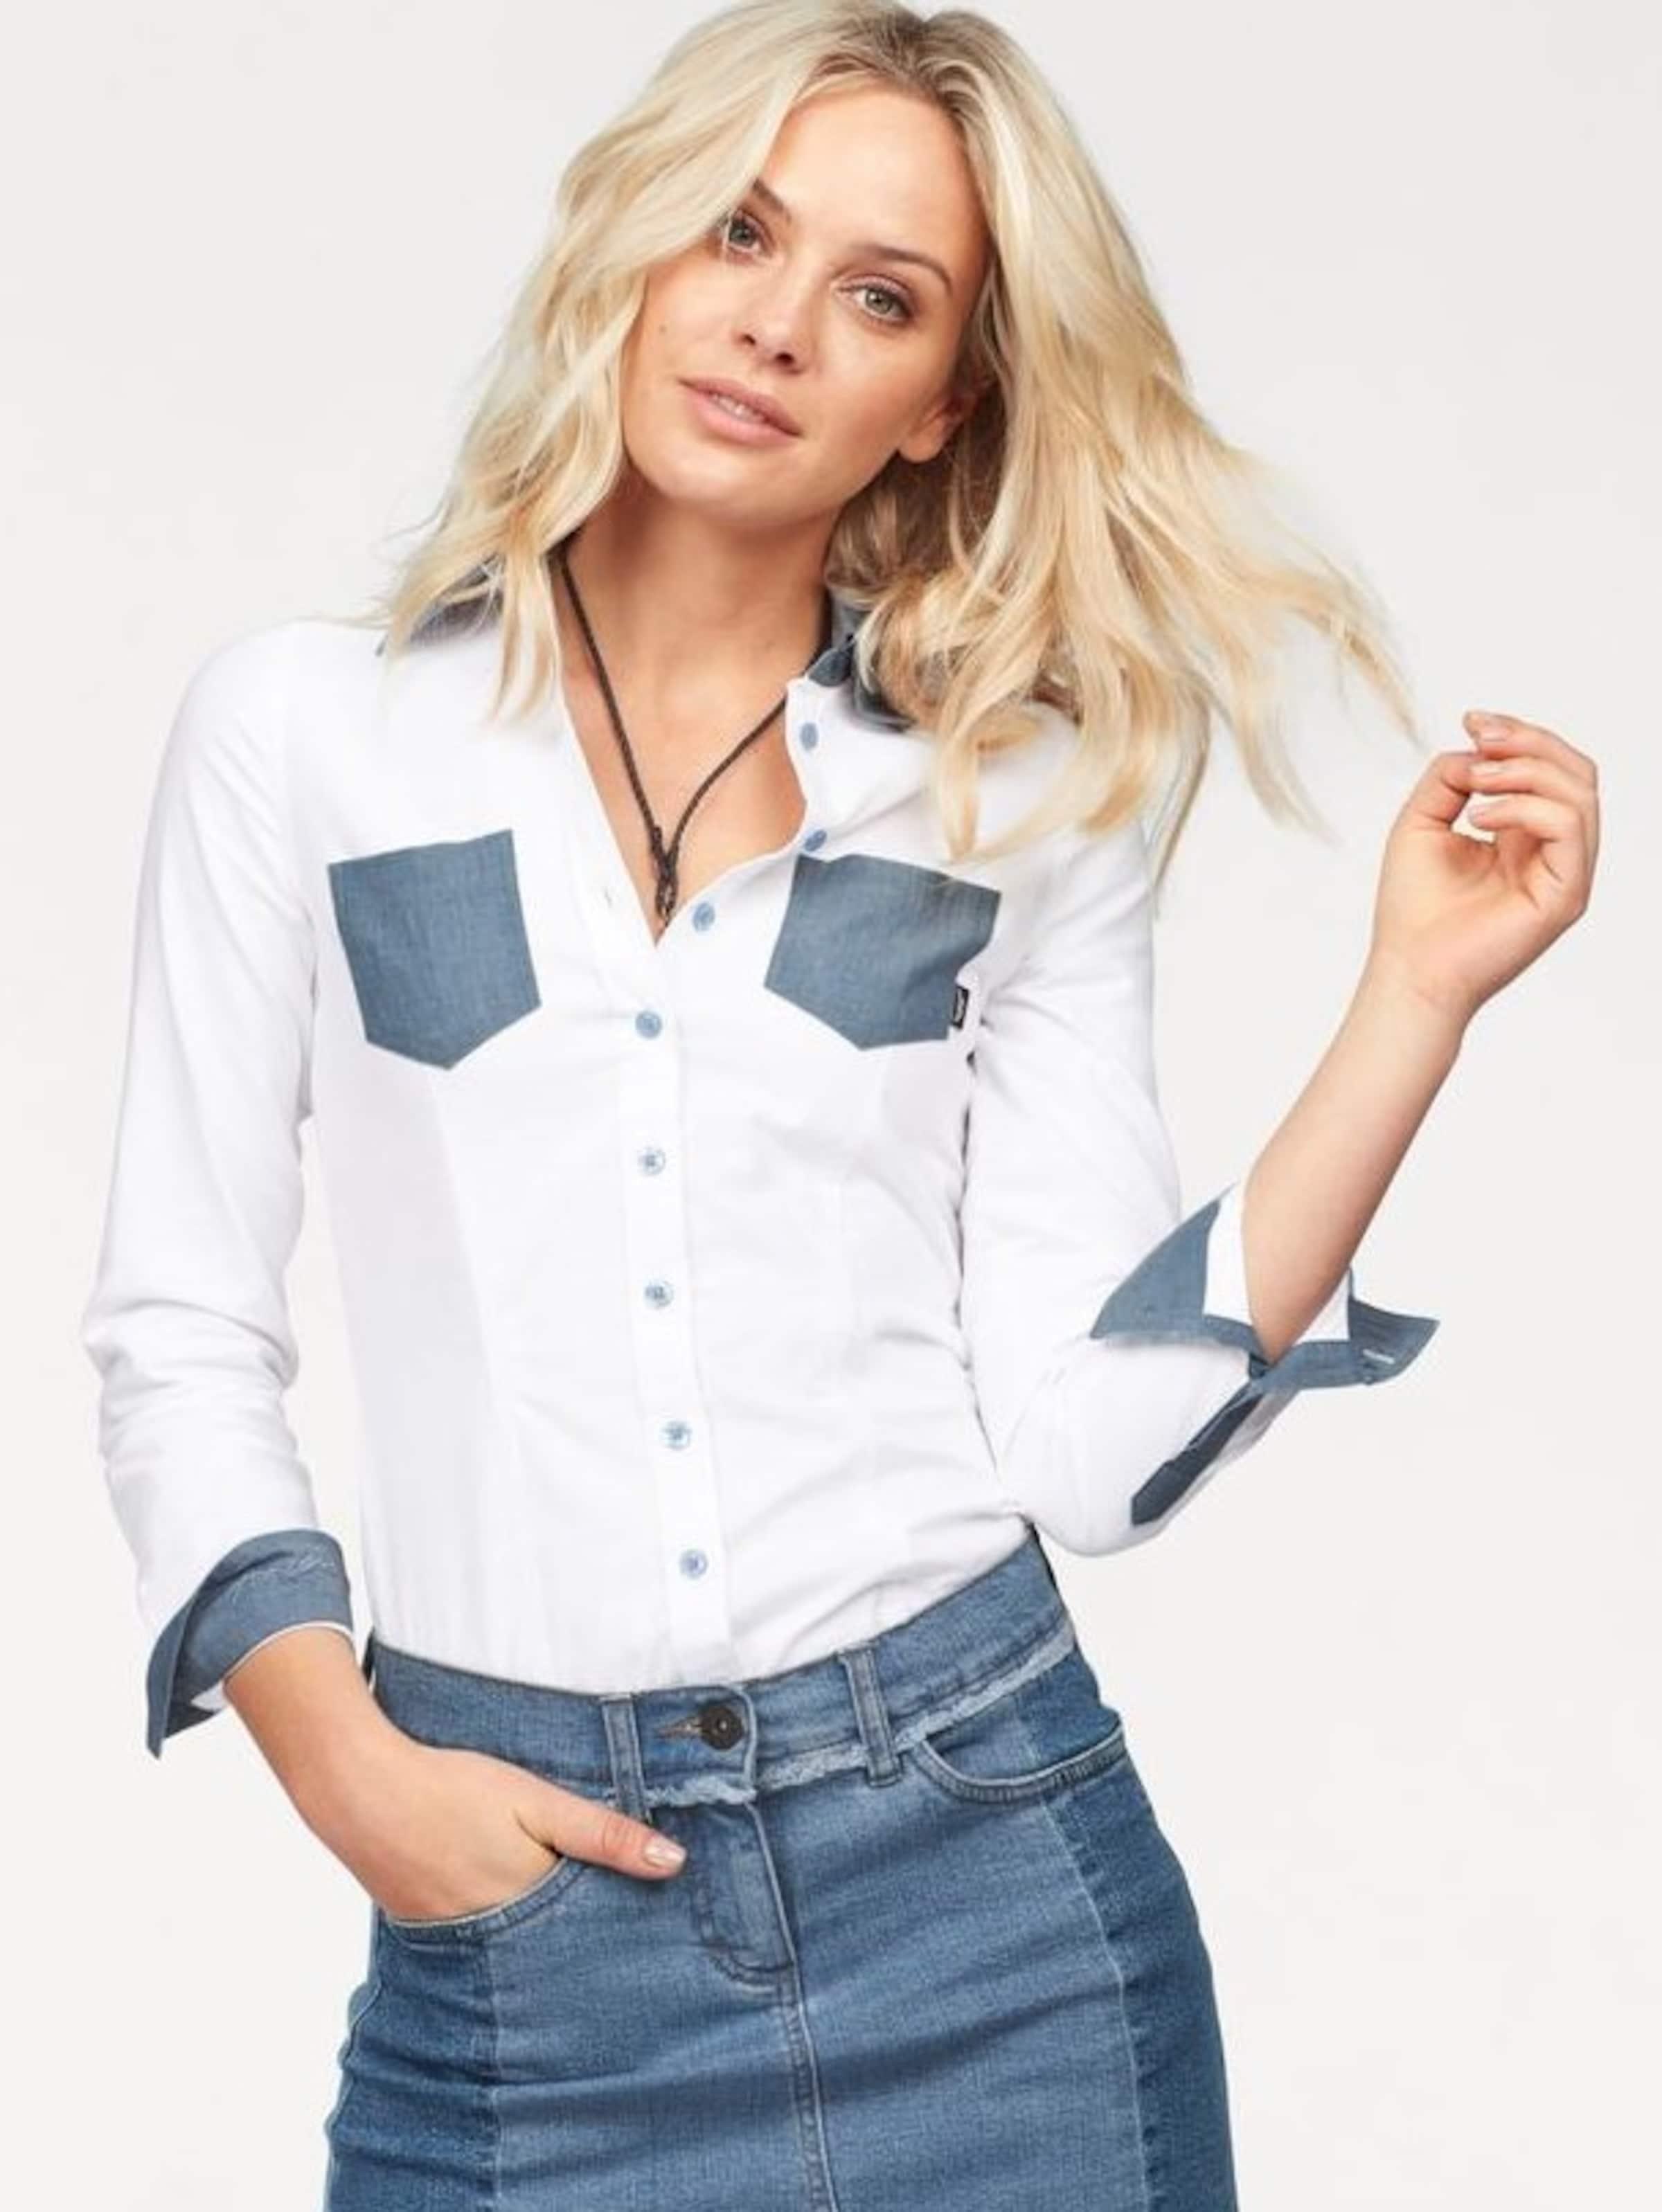 ARIZONA Hemdbluse mit Einsätzen in Denim Optik Billig Verkauf Eastbay Mit Mastercard Günstigem Preis Beliebt Beste Angebote  Wo Zu Kaufen N8YYb6M